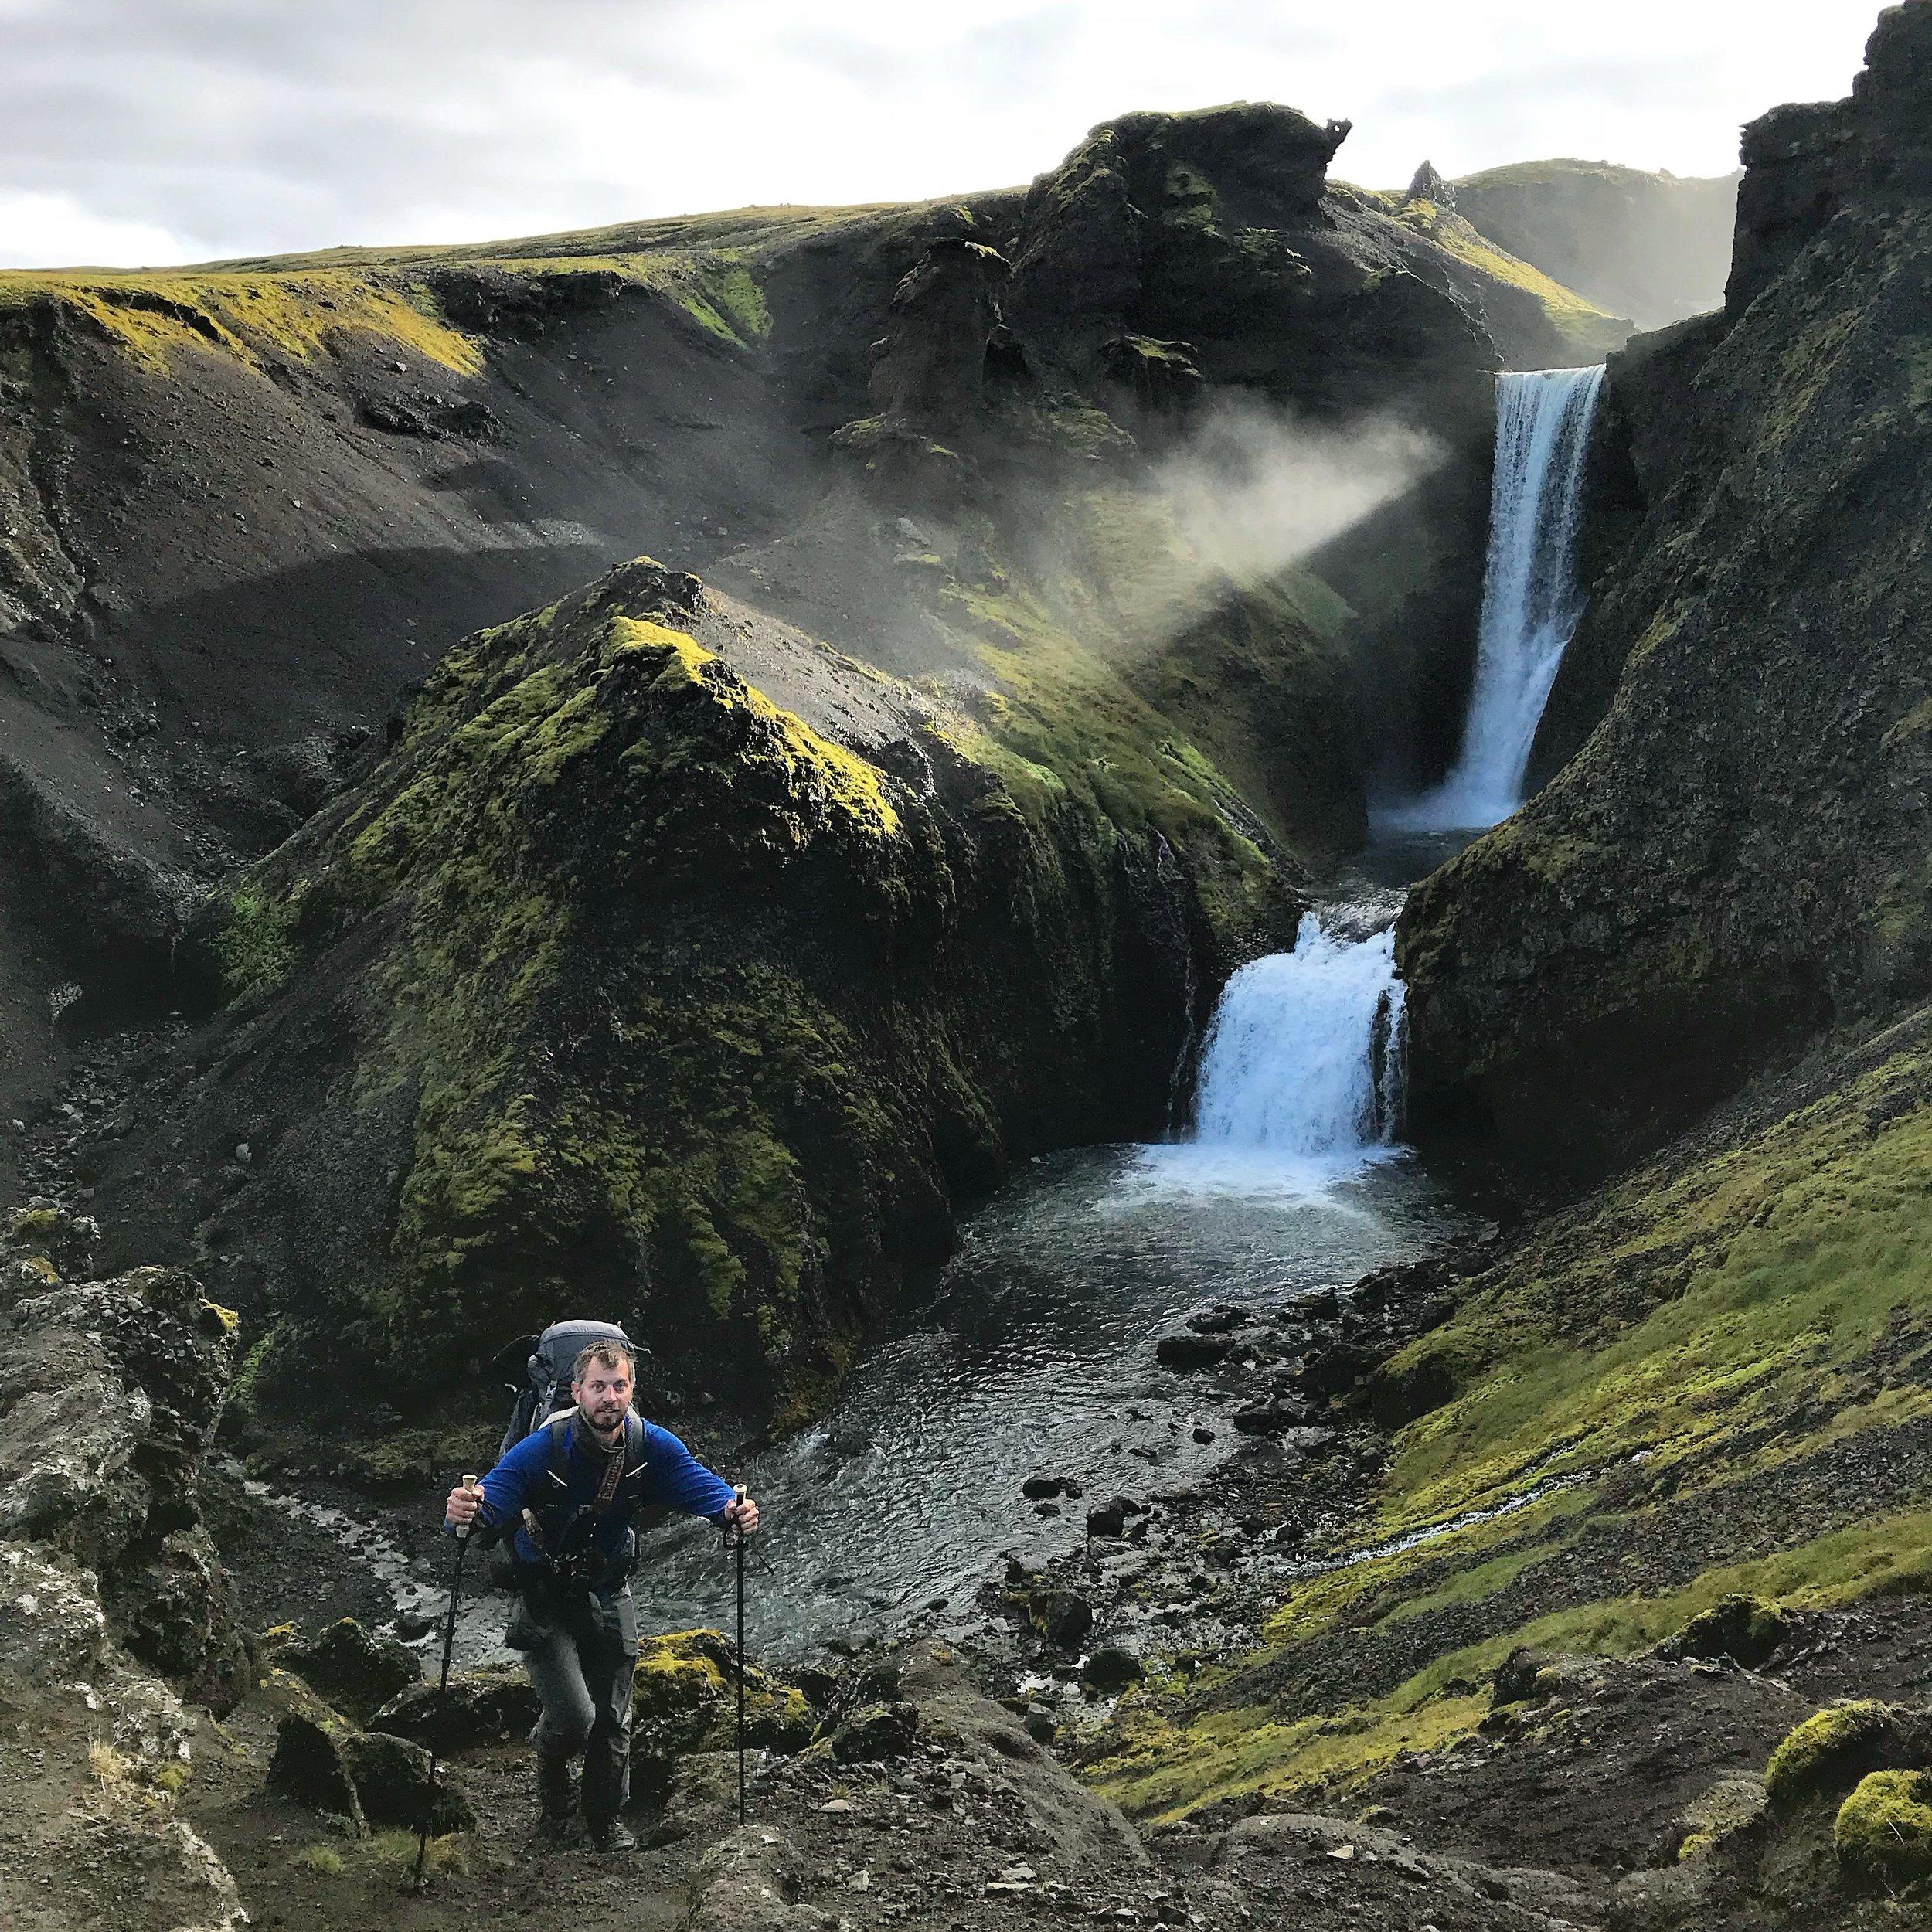 Waterfall near Skogarfoss